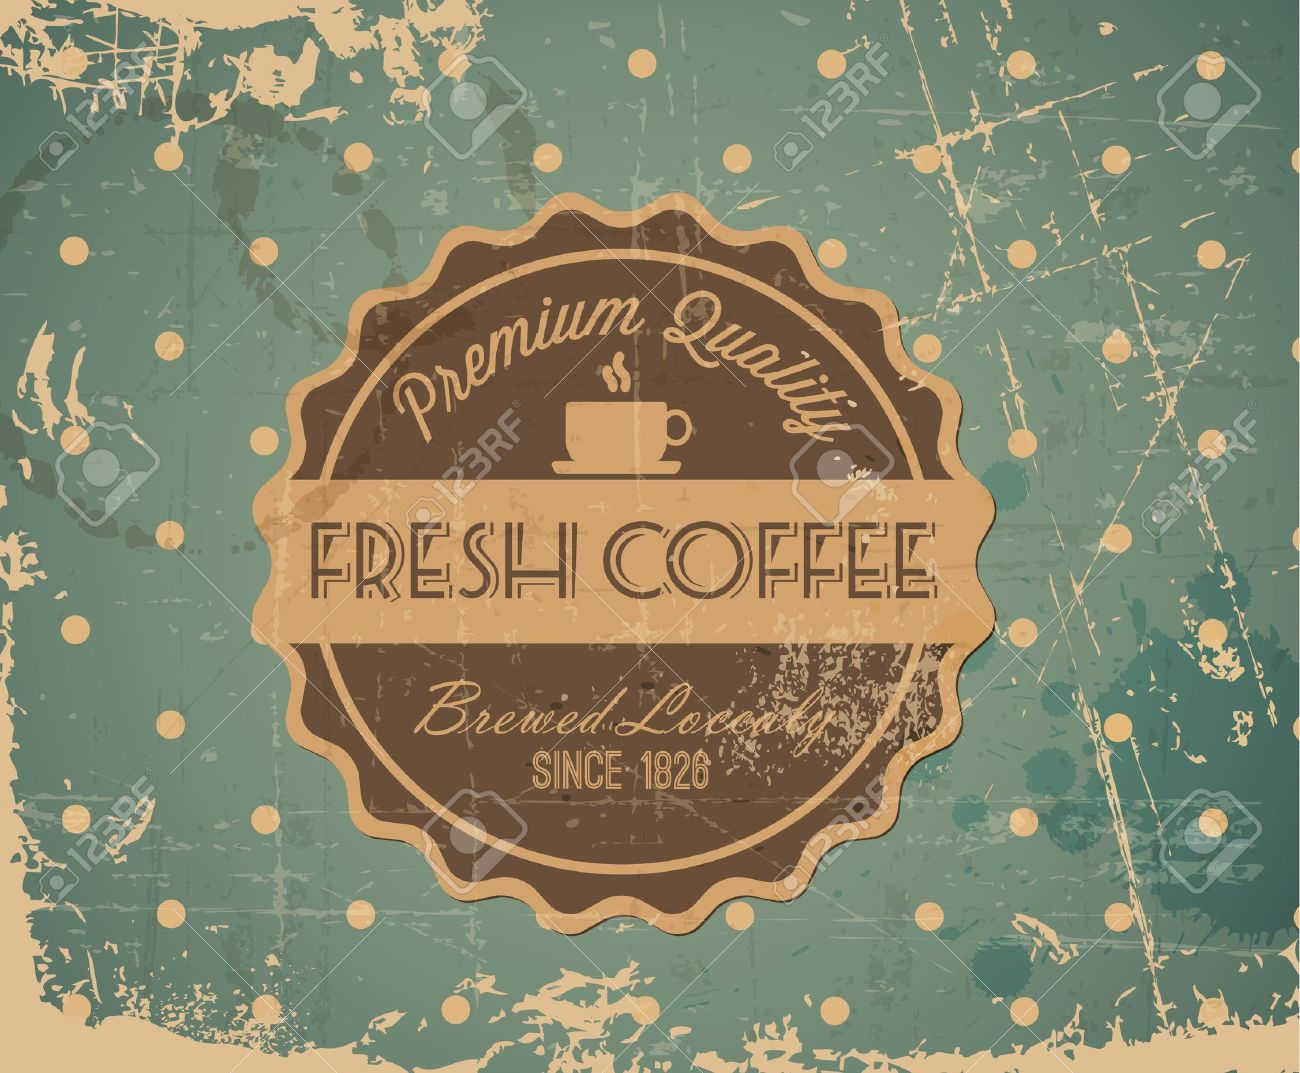 Grunge Retro Vintage Hintergrund Mit Kaffee Label Und Platz Für